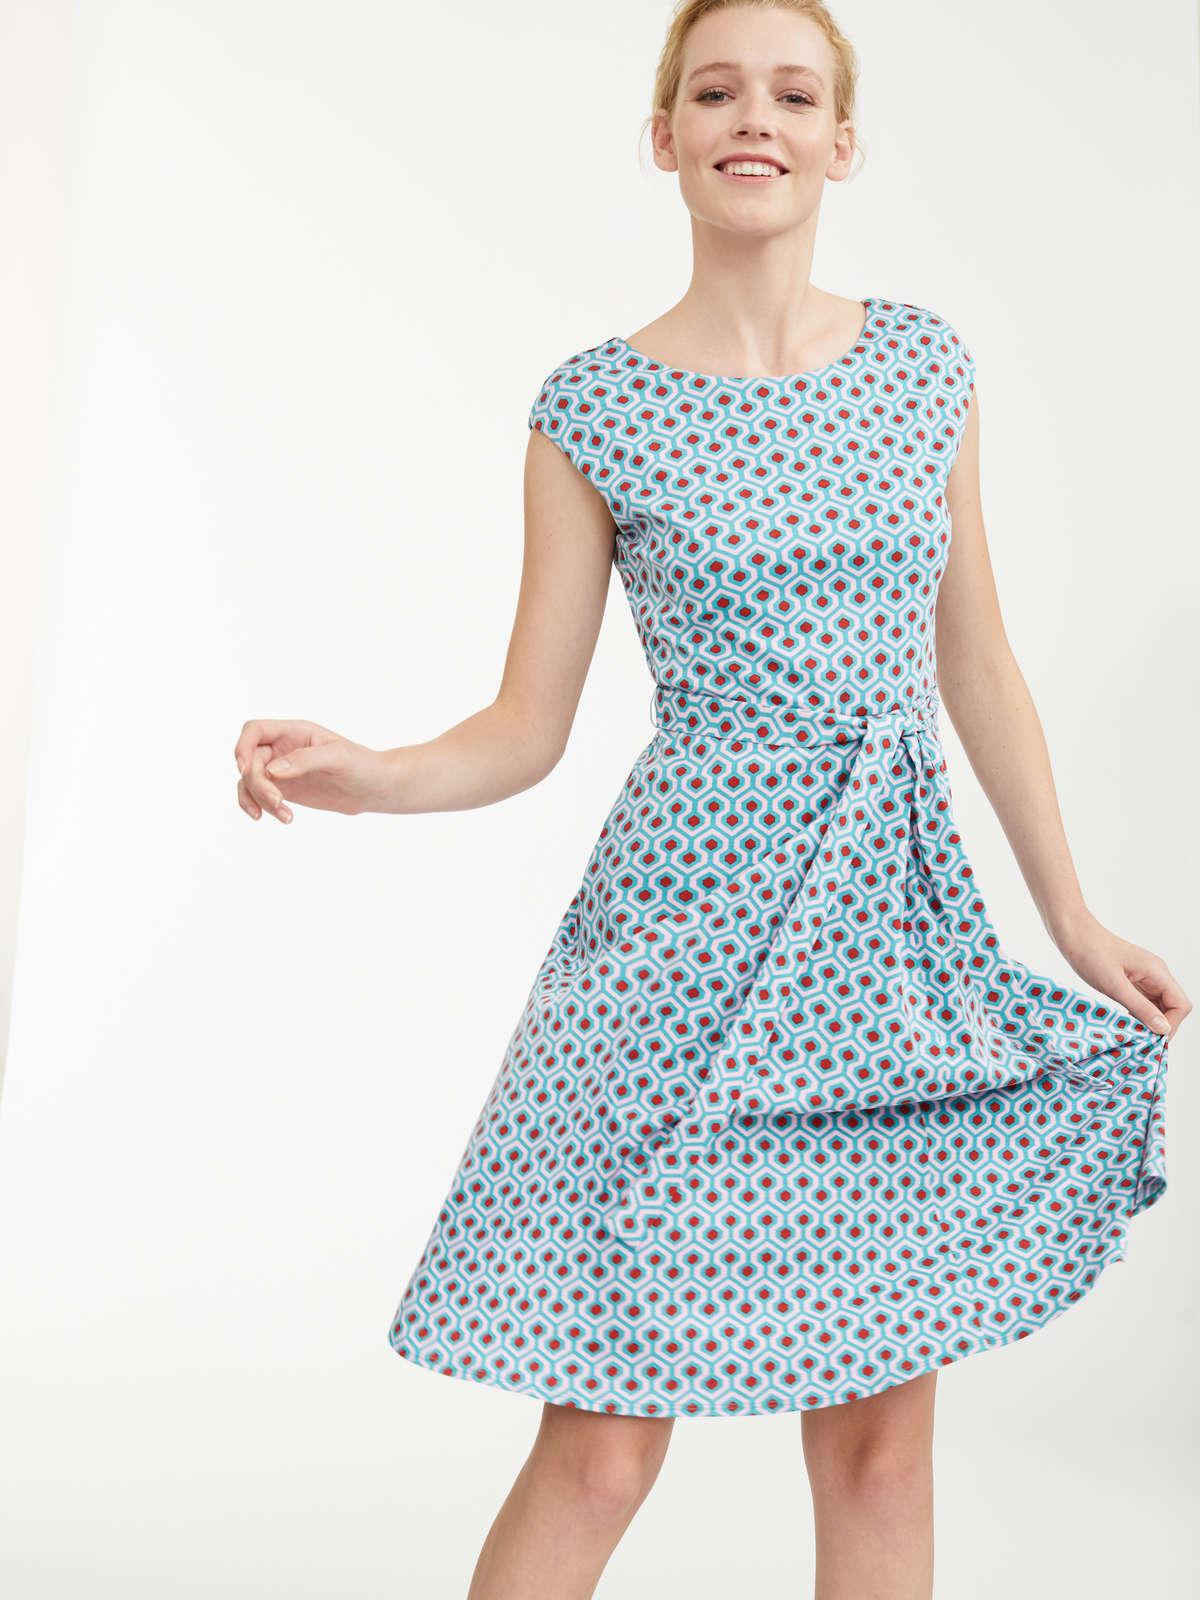 a58c3e6ae0d Elegant Outfits and Dresses